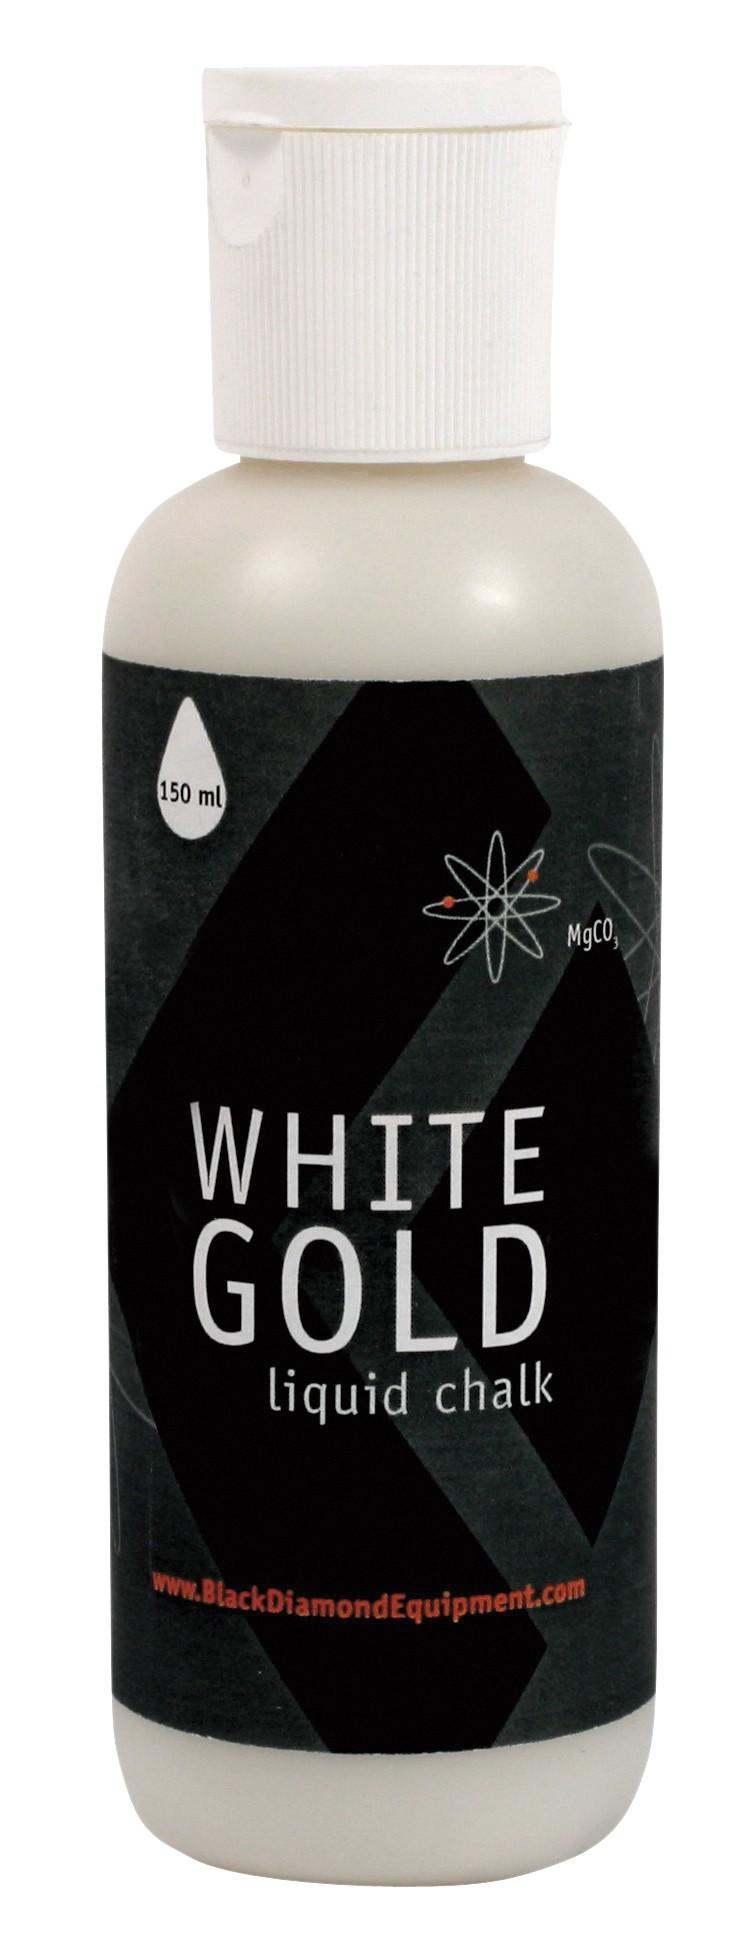 Black Diamond - Liquid White Gold - 150 ml - Chalk